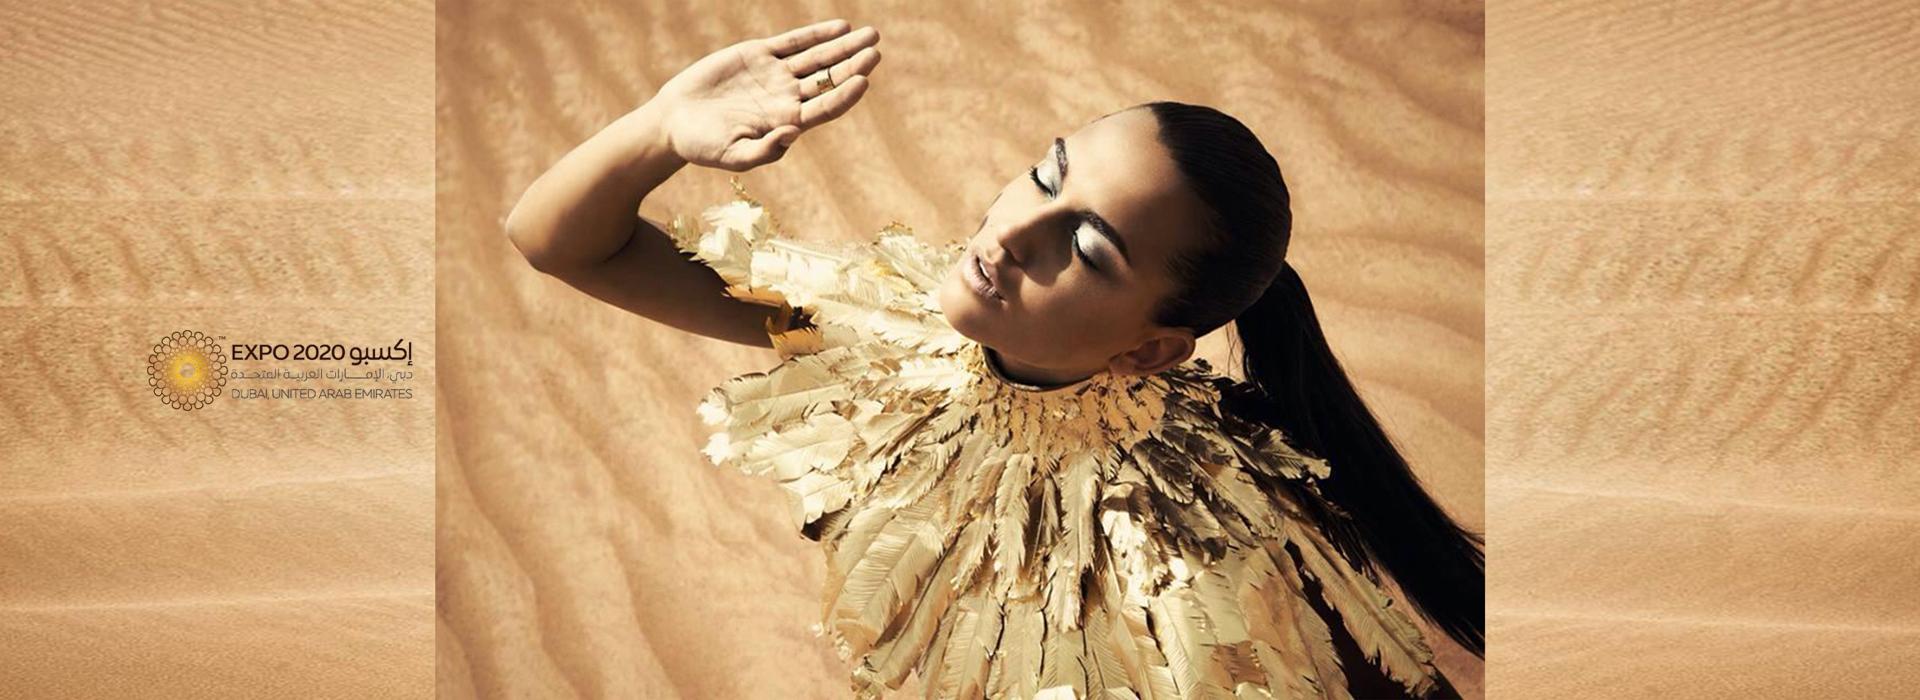 Diva Dubai Modeling Agency | Model Management in Dubai